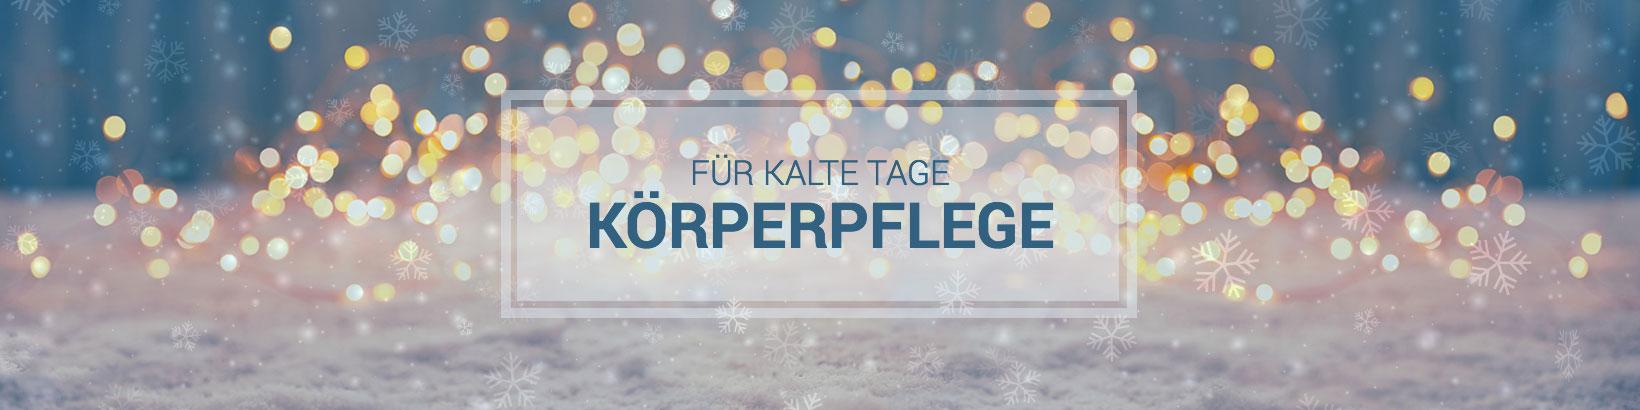 Visual-Winter-Koerperpflege-1640x410